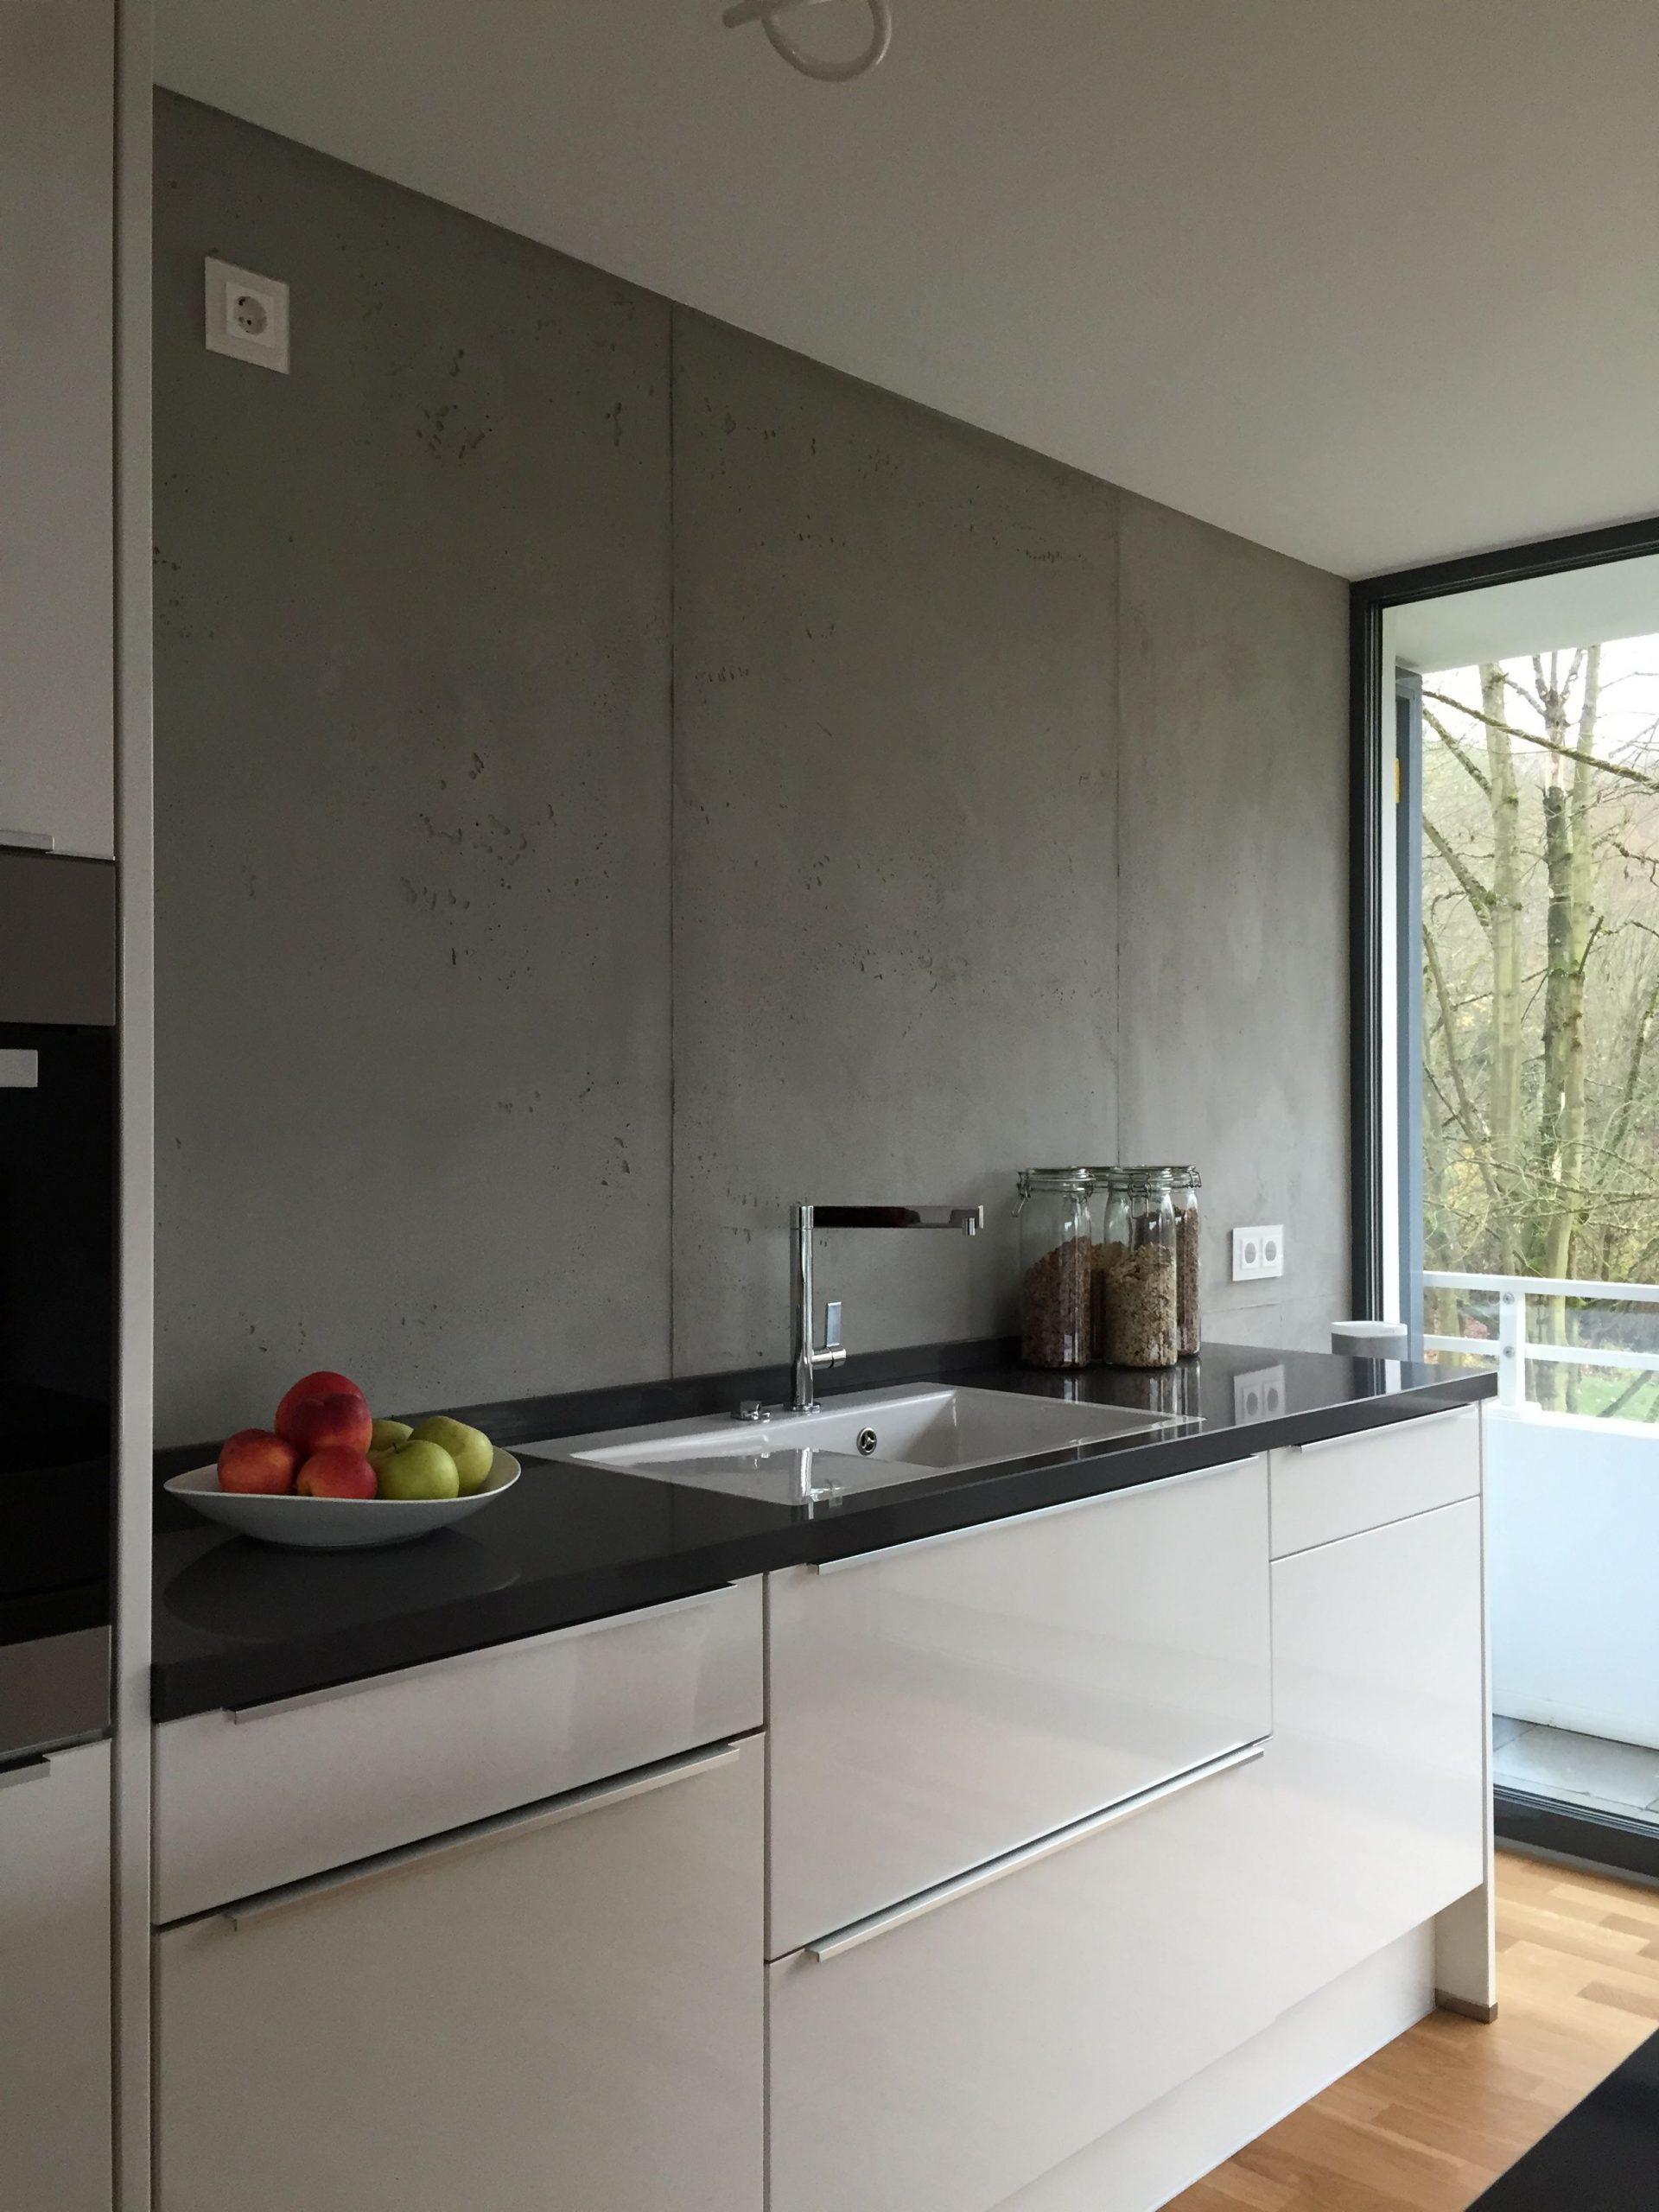 Full Size of Küche Wandverkleidung Küche Wandverkleidung Glas Küche Wandverkleidung Glas Mit Motiv Küche Wandverkleidung Laminat Küche Küche Wandverkleidung